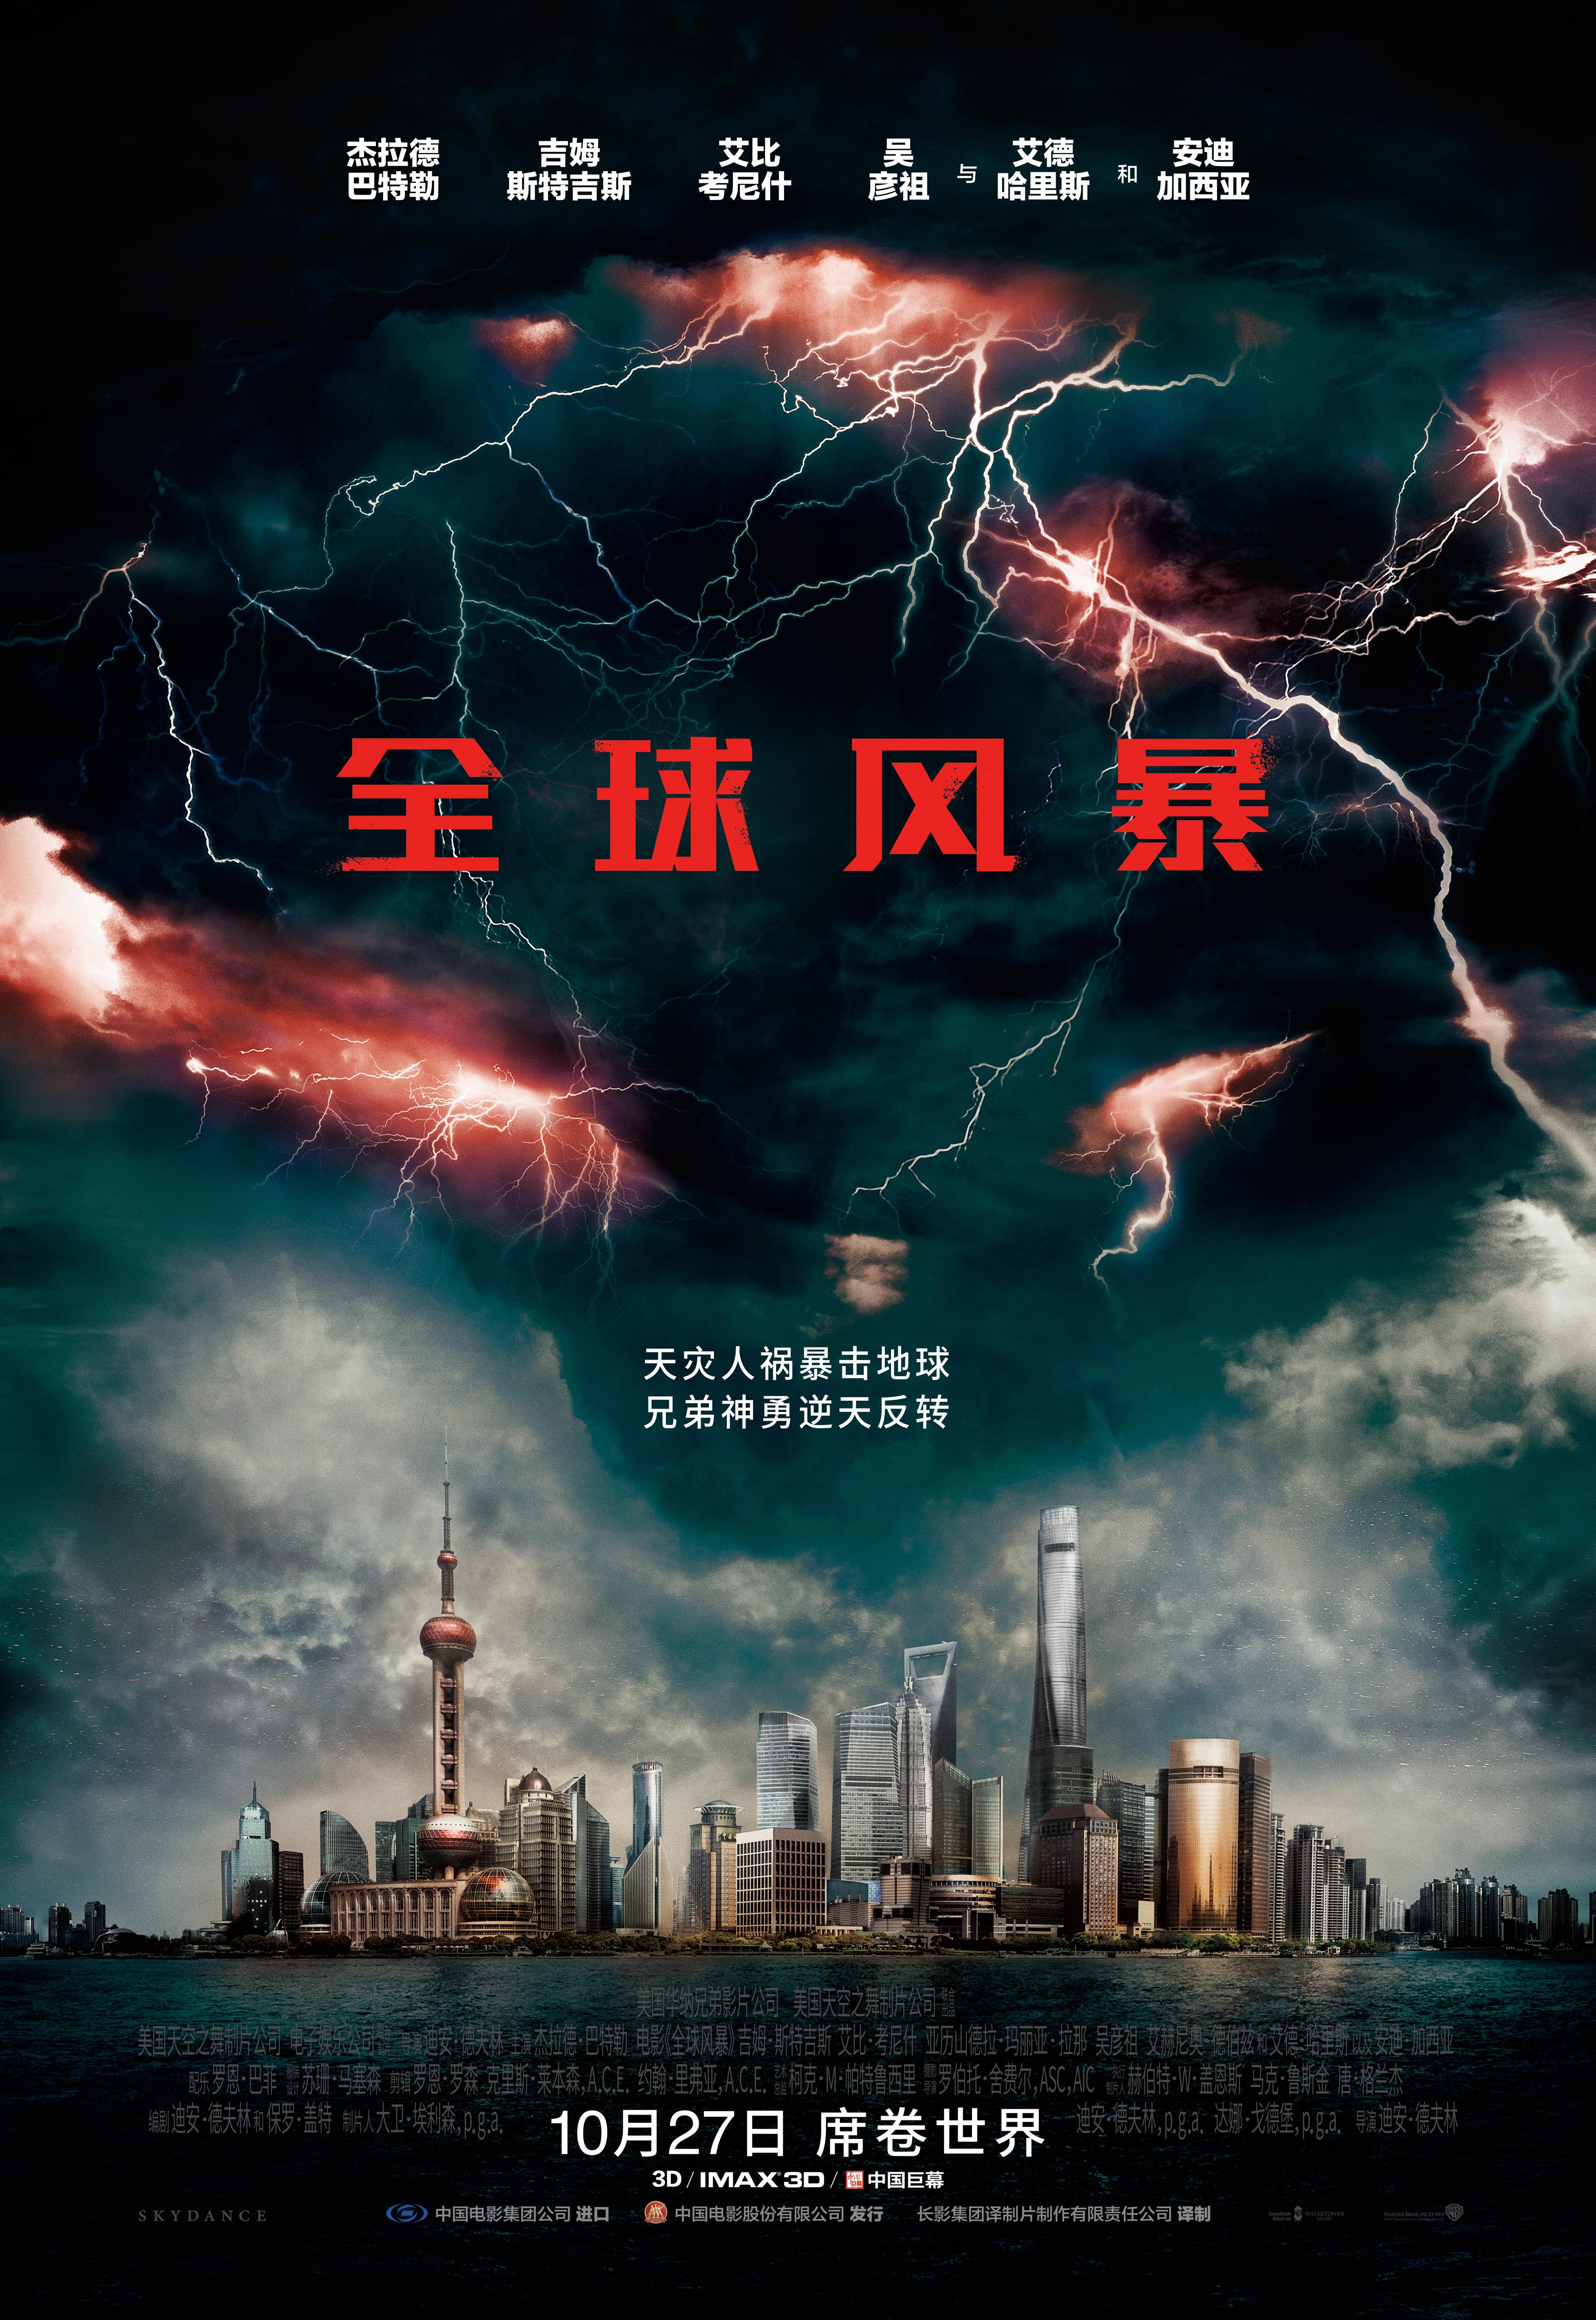 《全球风暴》本周五上映 灾难场景引发专家热议